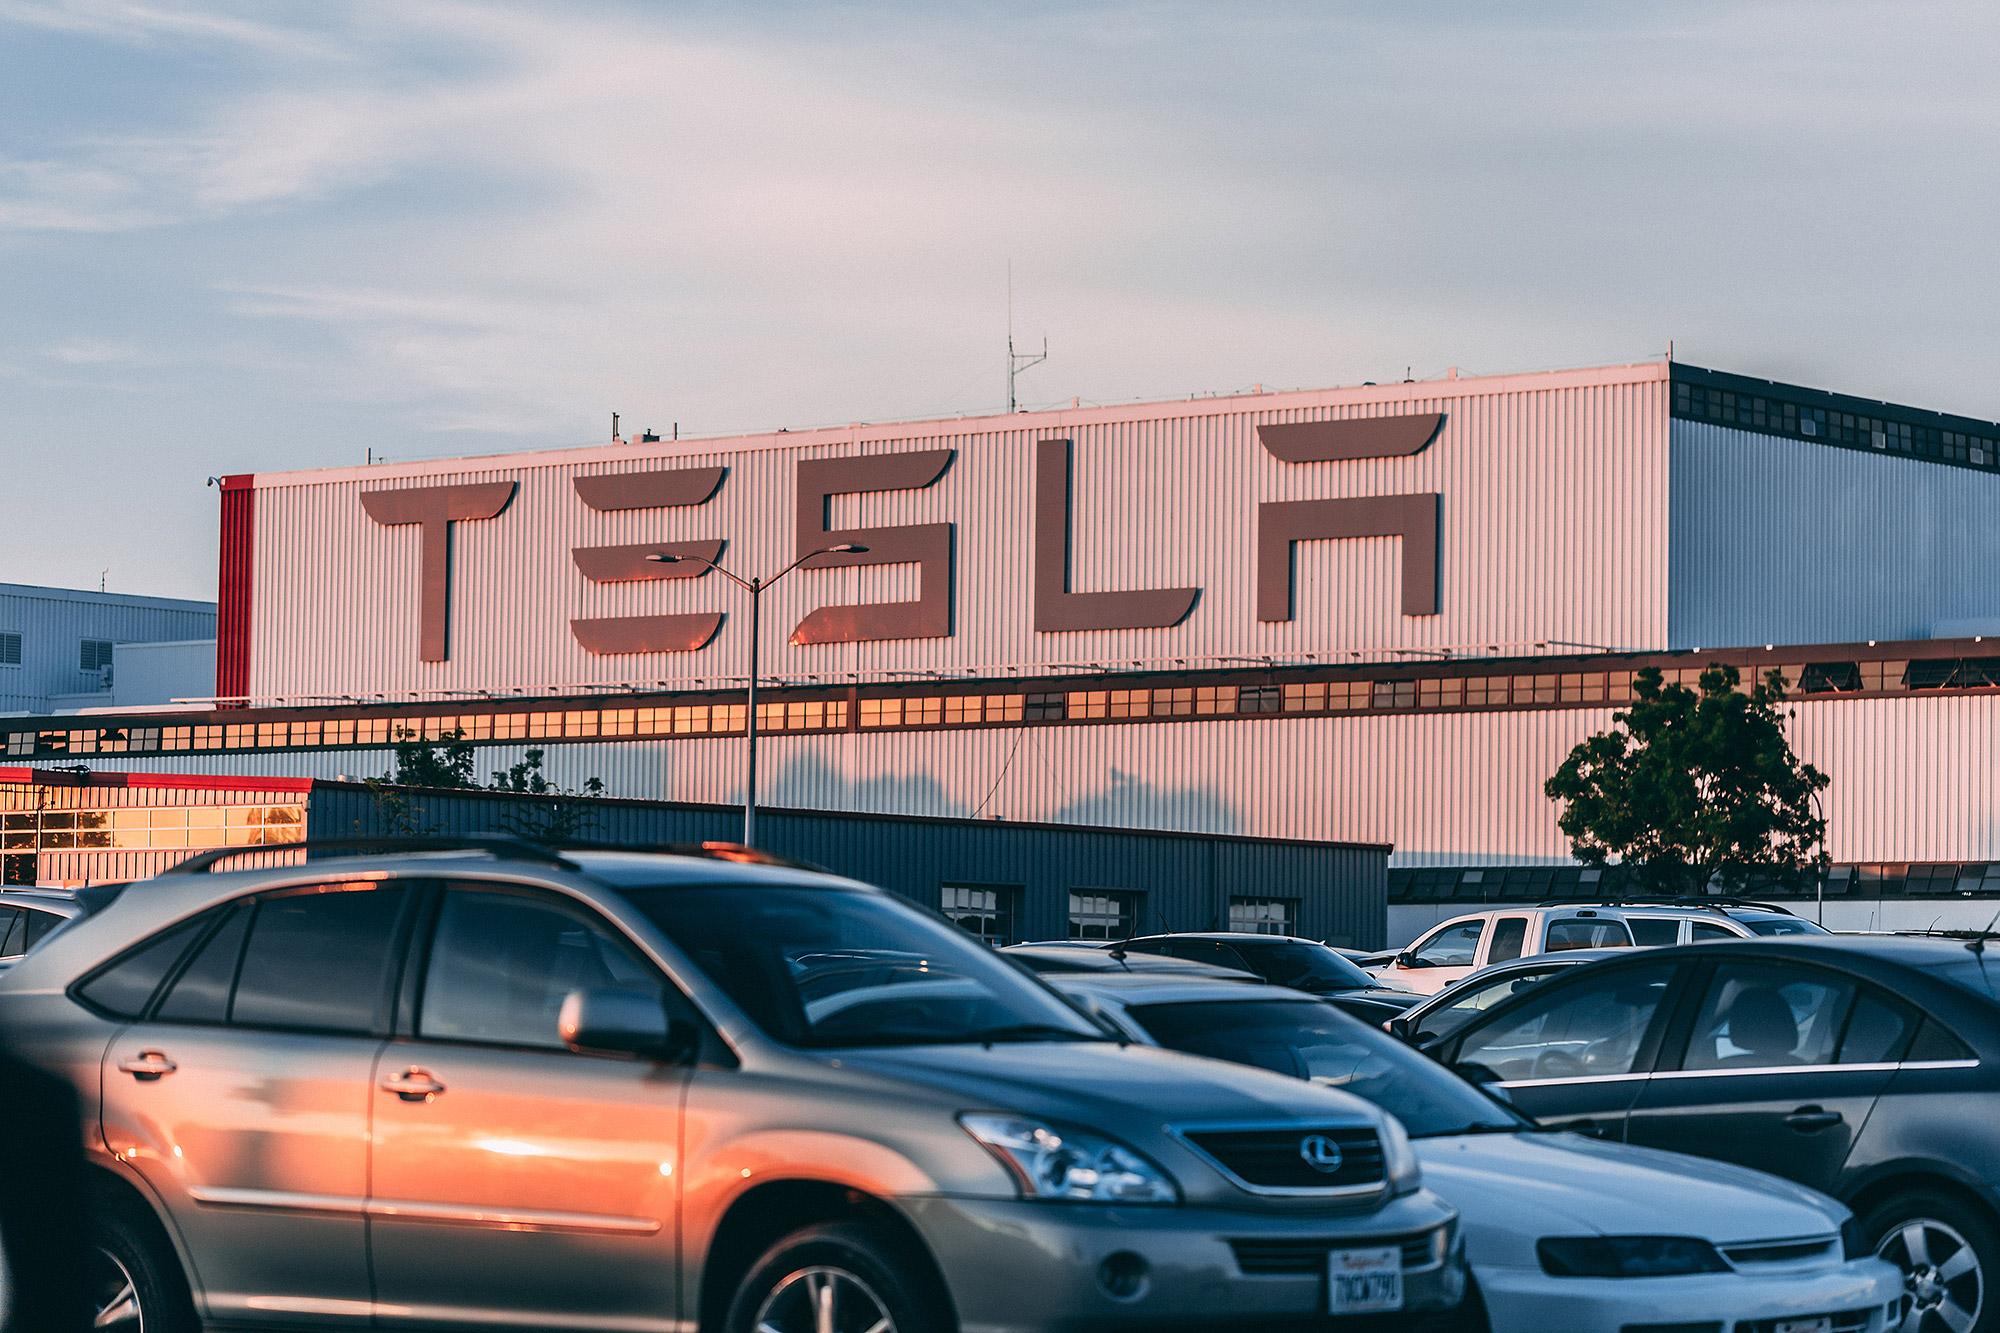 Tesla 證明了新創產業以電動車切入汽車產業是可行的方式。